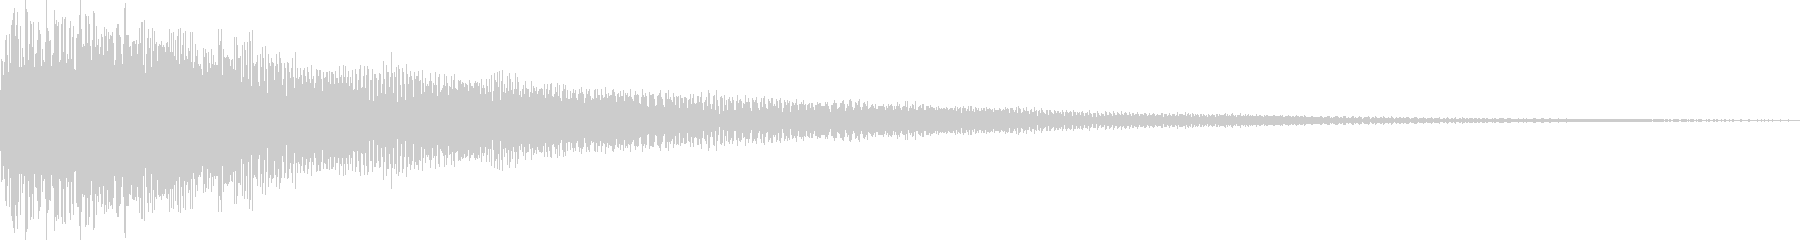 汎用性の高いクリック音 キンッの未再生の波形